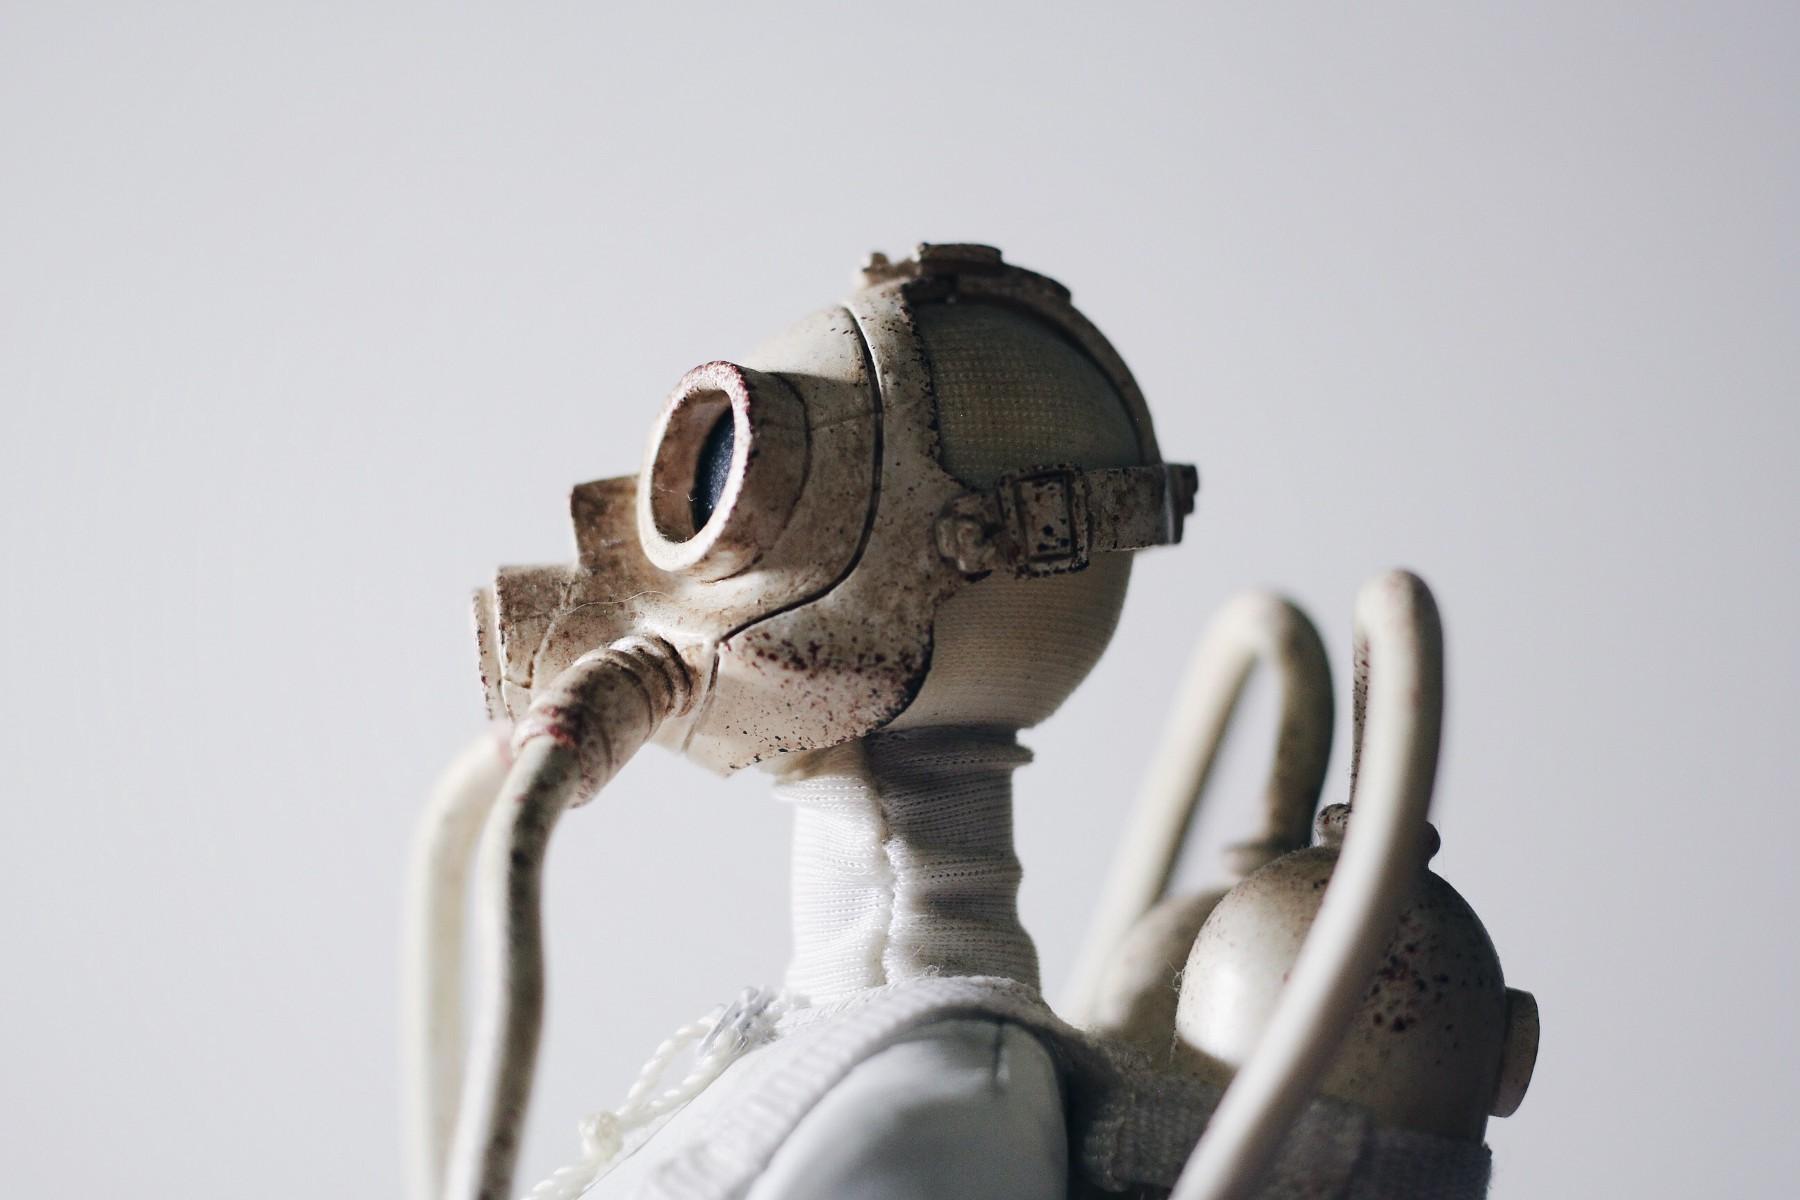 Клиентский сервис: люди лучше роботов - 1